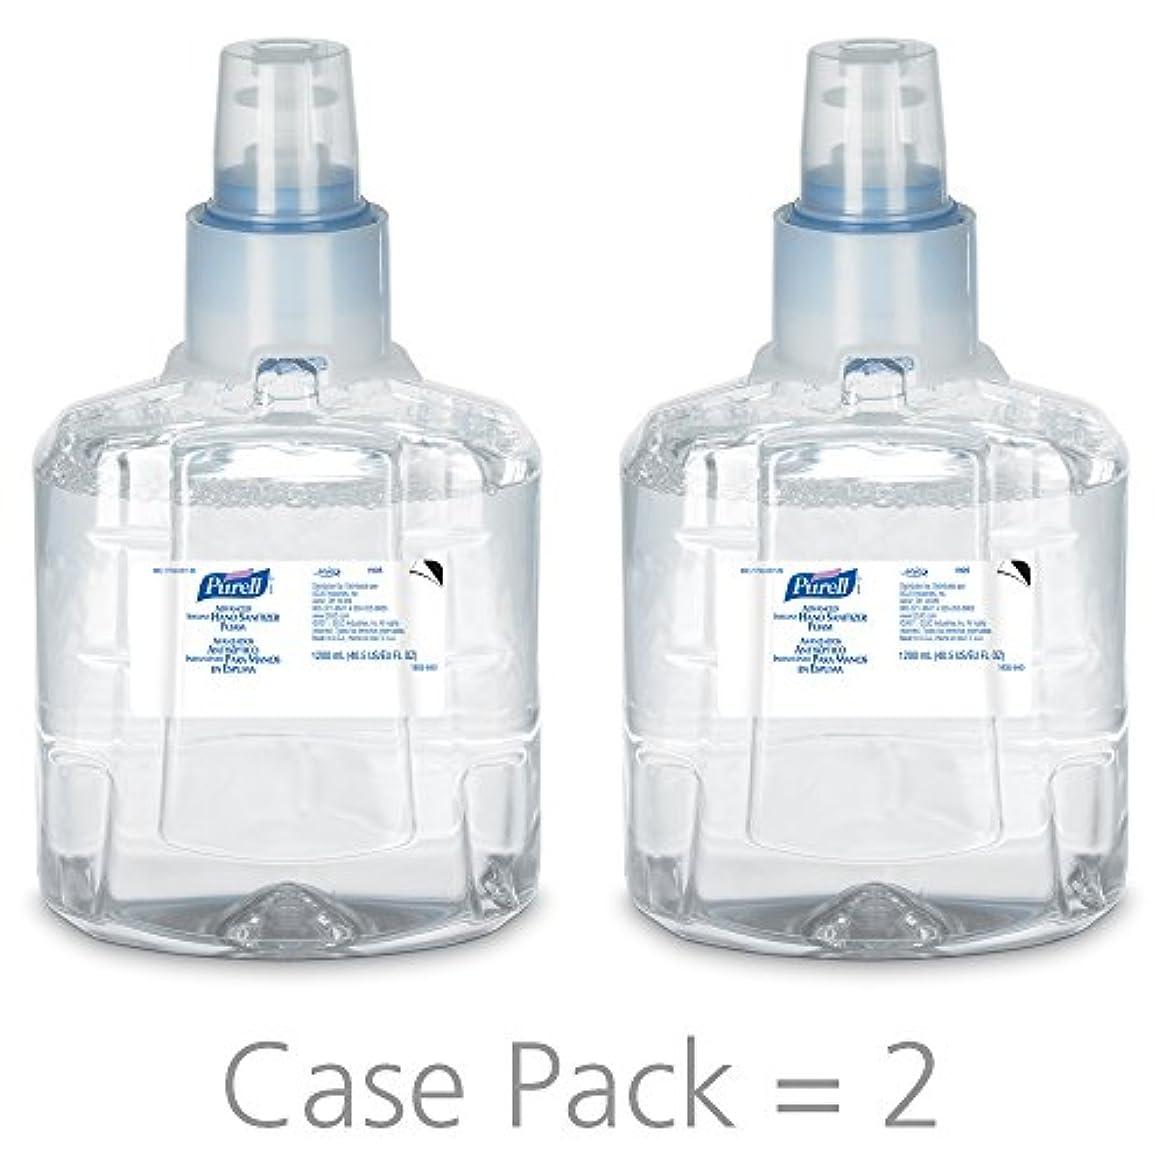 失うタンク例示するPURELL 1905-02 1200 mL Advanced Hand Sanitizer Foam, LTX-12 Refill (Pack of 2) by Purell